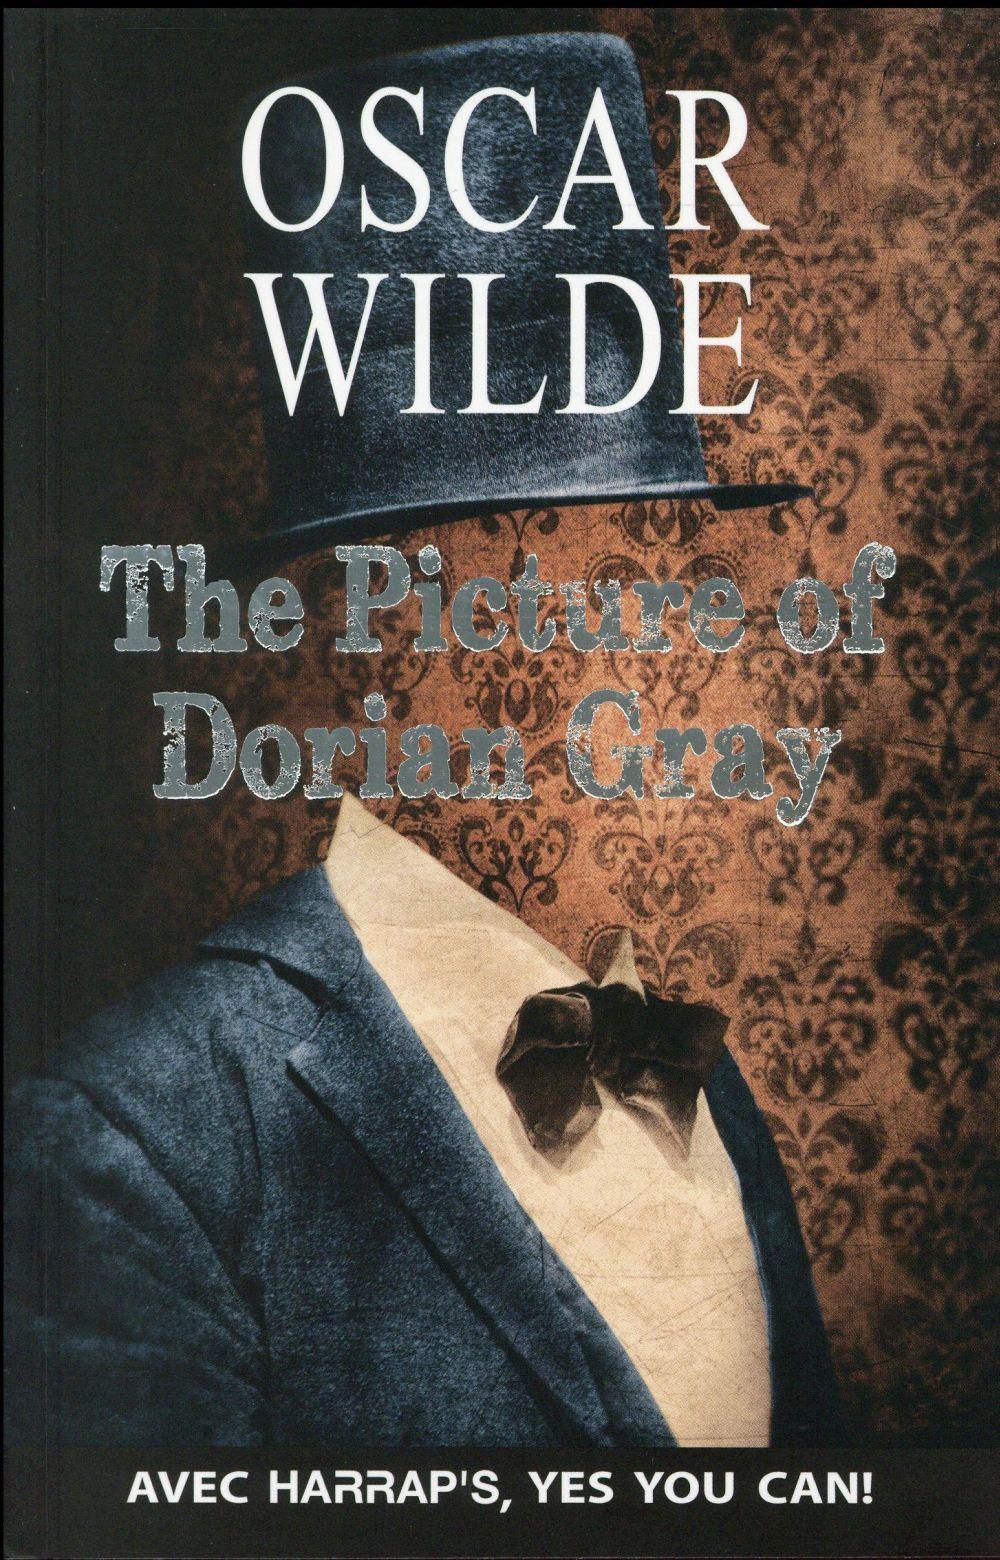 HARRAP-S THE PICTURE OF DORIAN GRAY